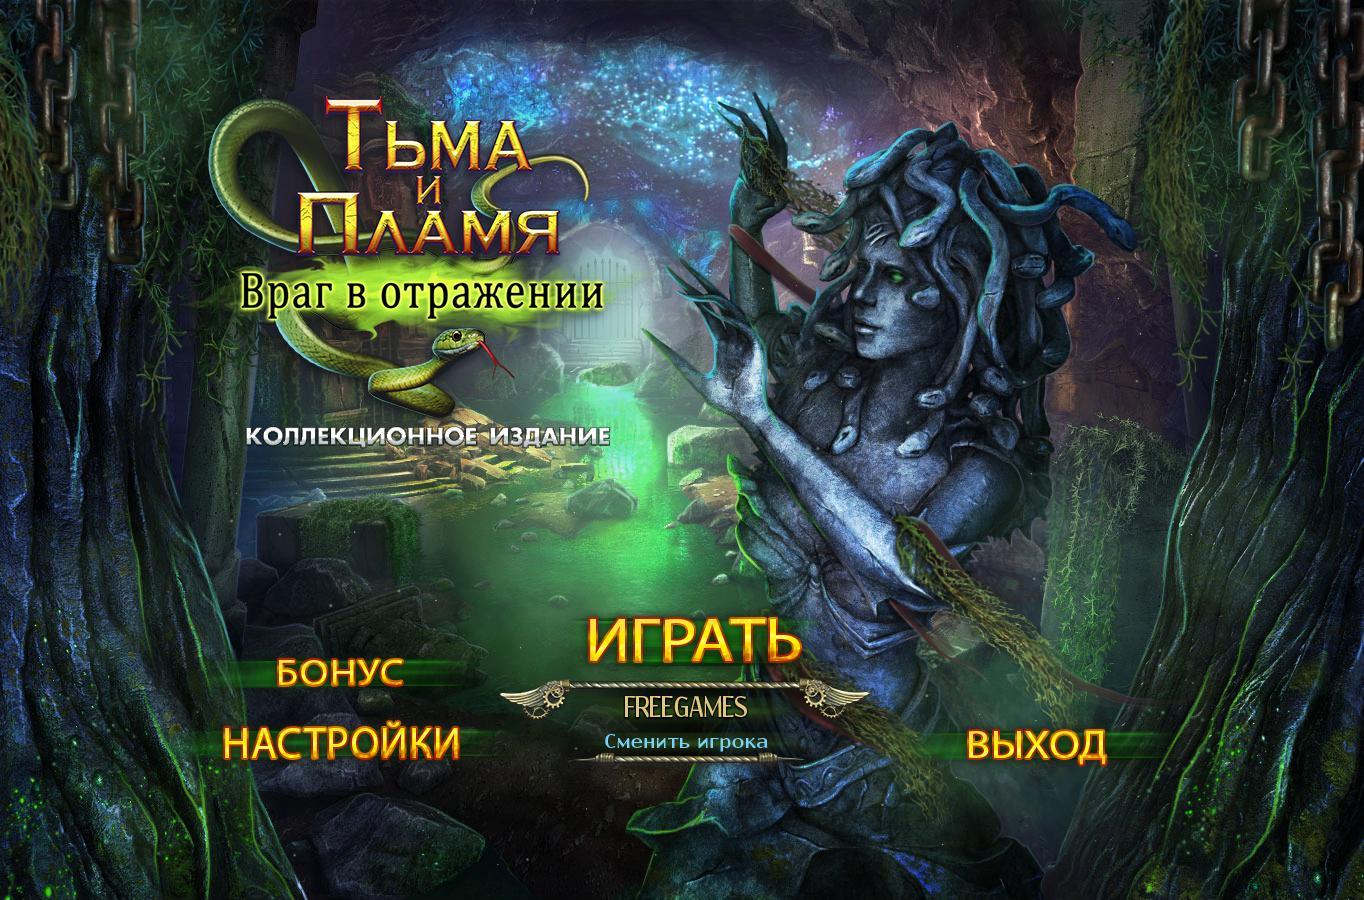 Тьма и пламя 4: Враг в отражении. Коллекционное издание | Darkness and Flame 4: Enemy in Reflection CE (Rus)